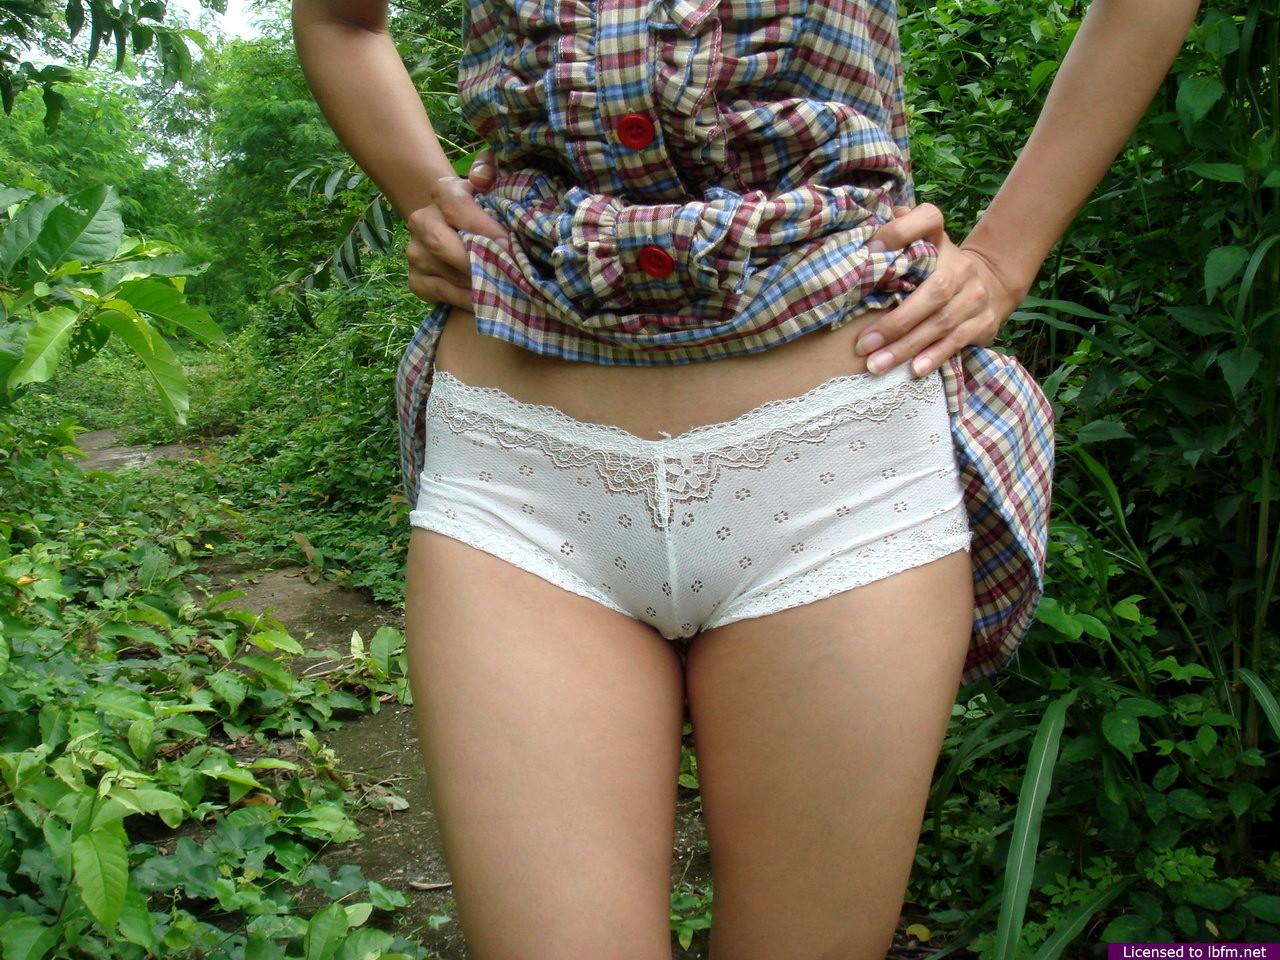 Частное фото вагин женщин, Показ женских влагалищ дома - секс порно фото 22 фотография